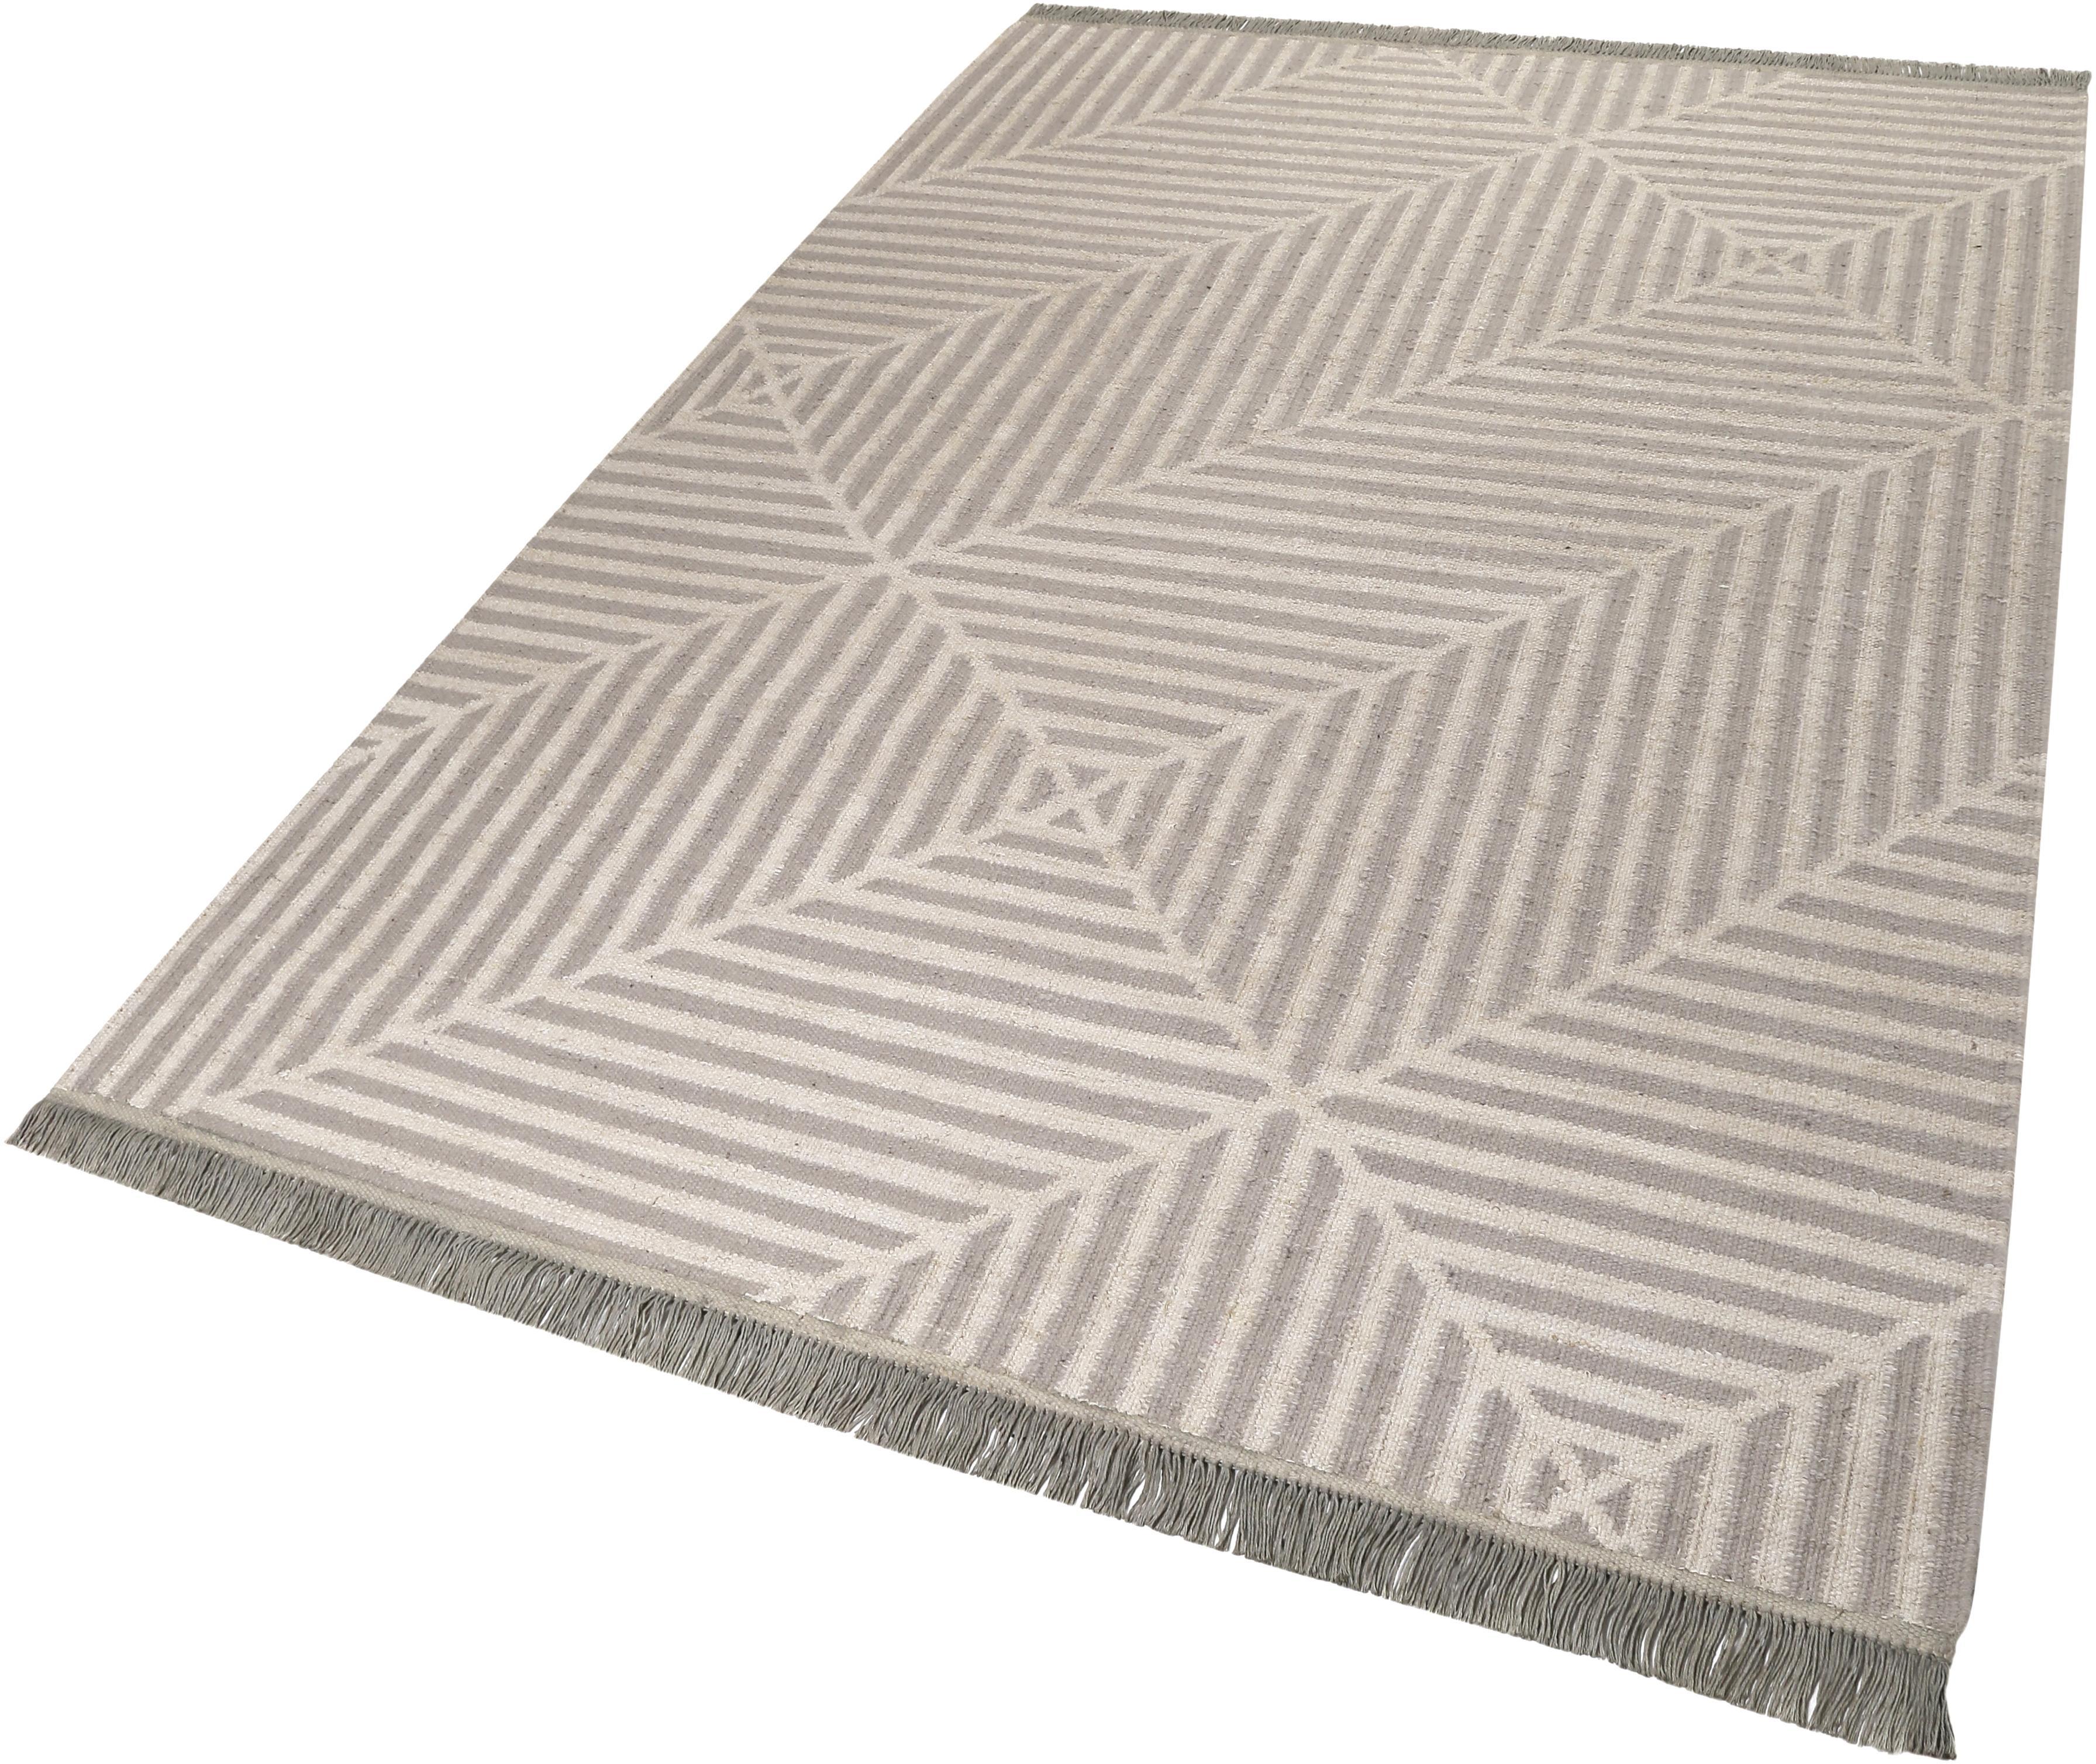 Teppich Irregular Fields carpets&co rechteckig Höhe 5 mm handgewebt